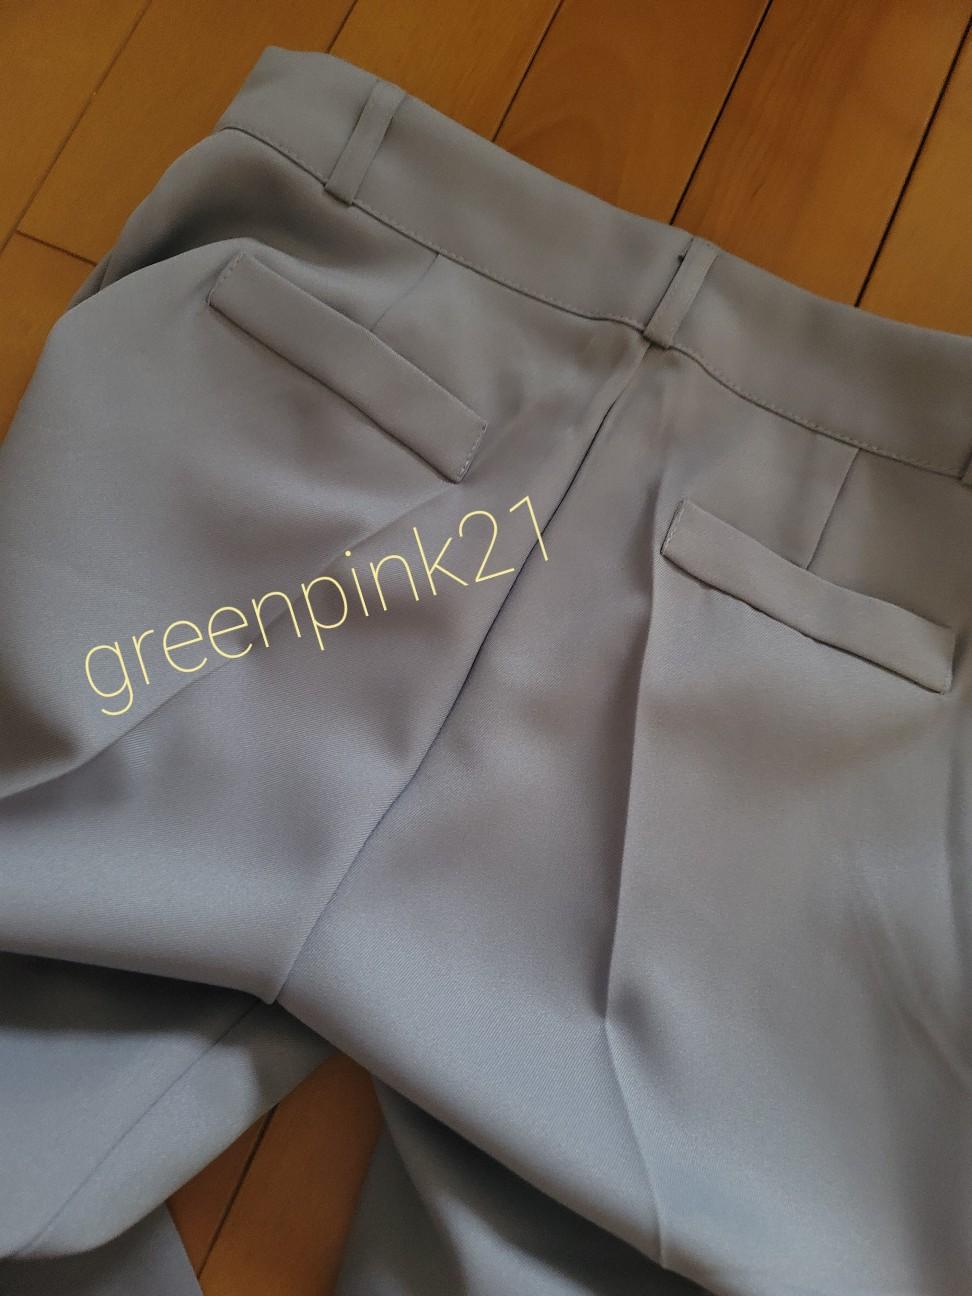 f:id:greenpink21:20210814183229j:image